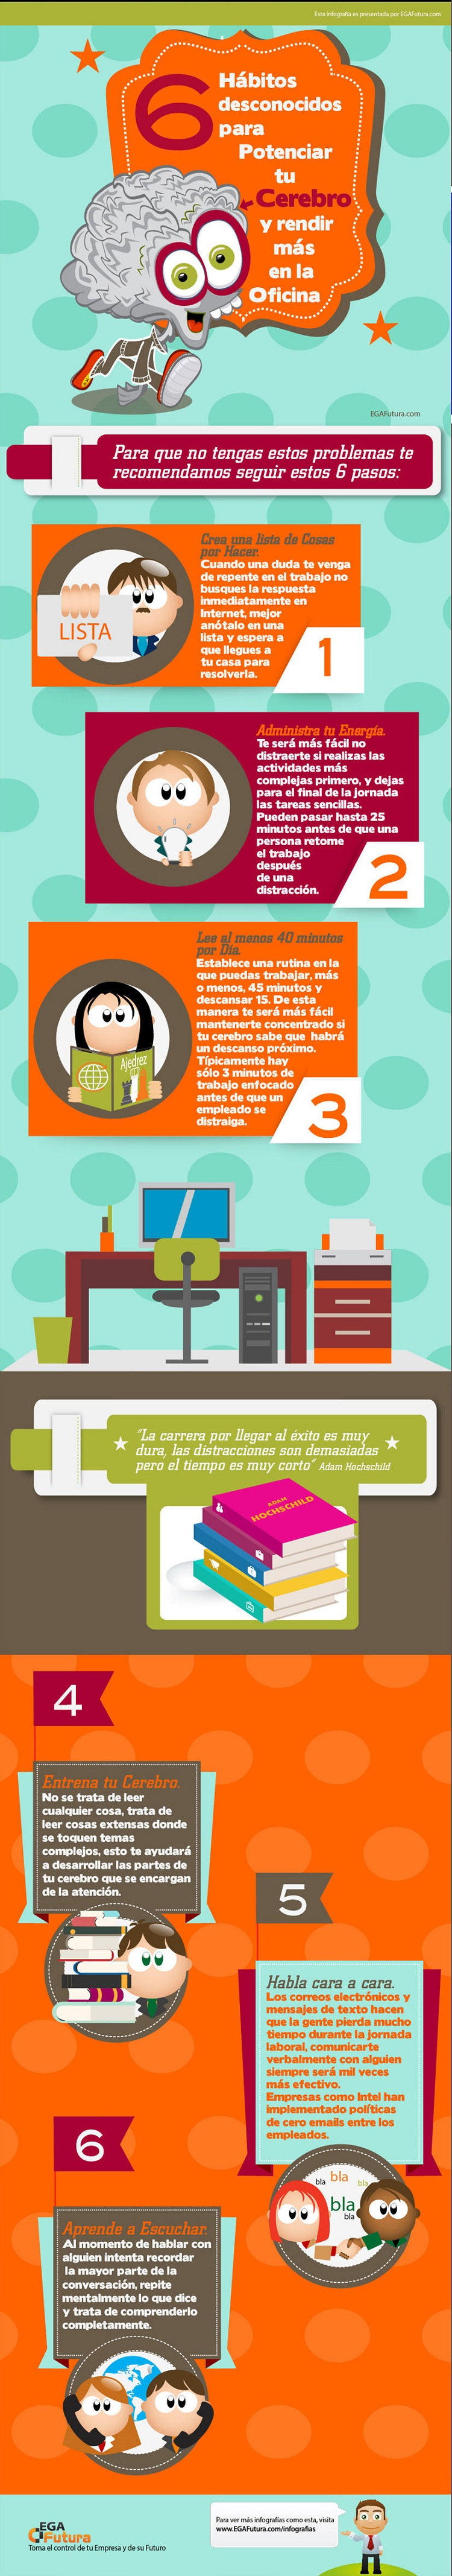 6 Hábitos para potenciar tu Cerebro y ser más productivo